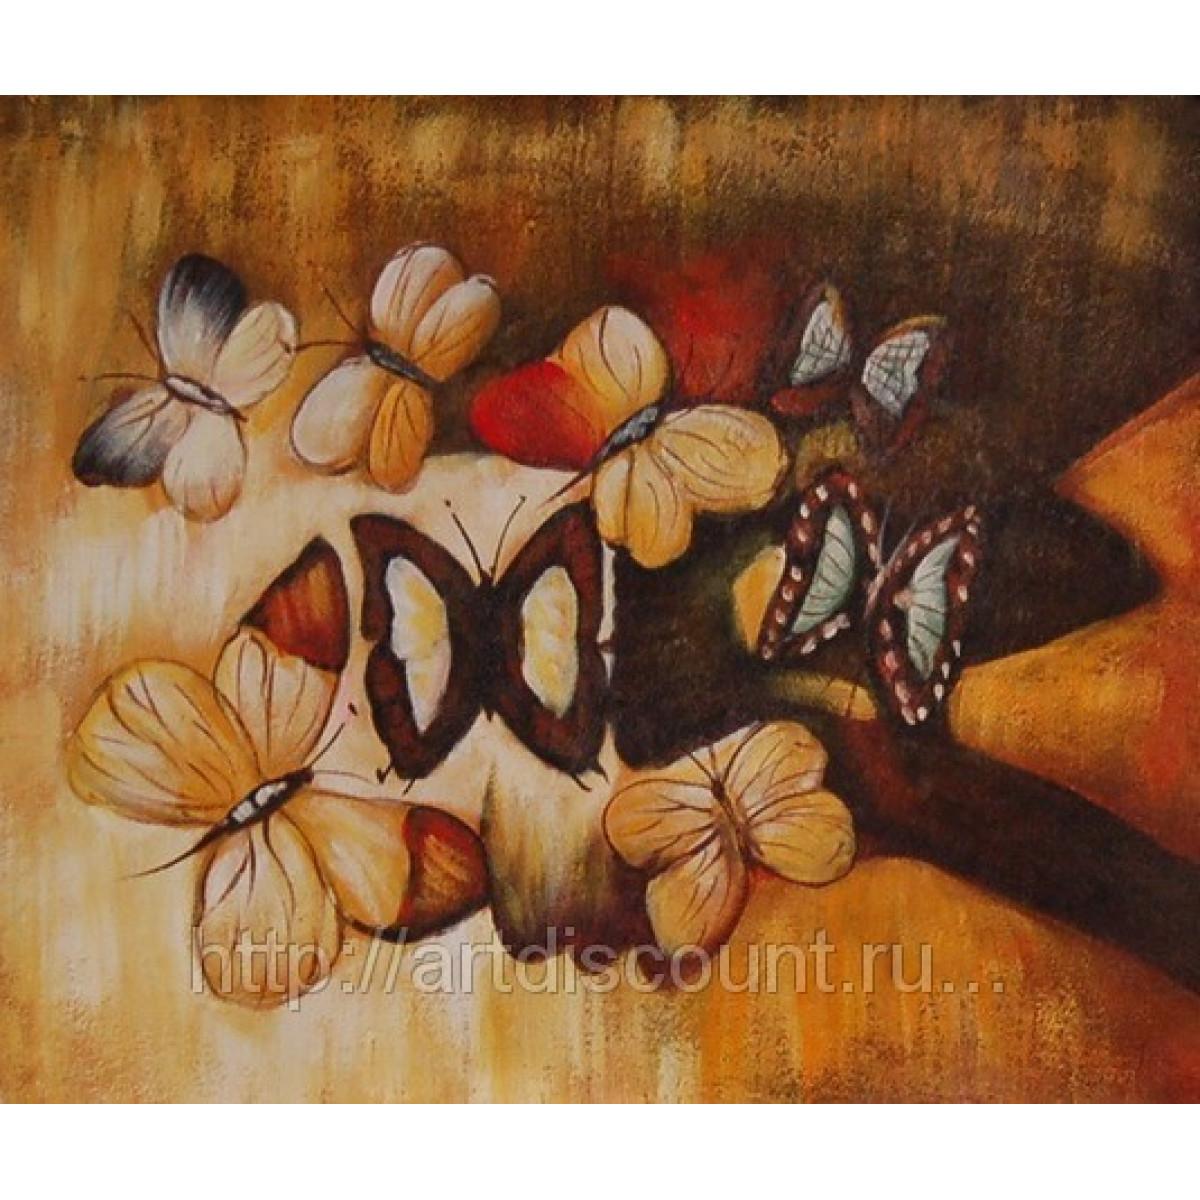 """Картина """"Бабочки"""" холст, масло, 50х60см"""